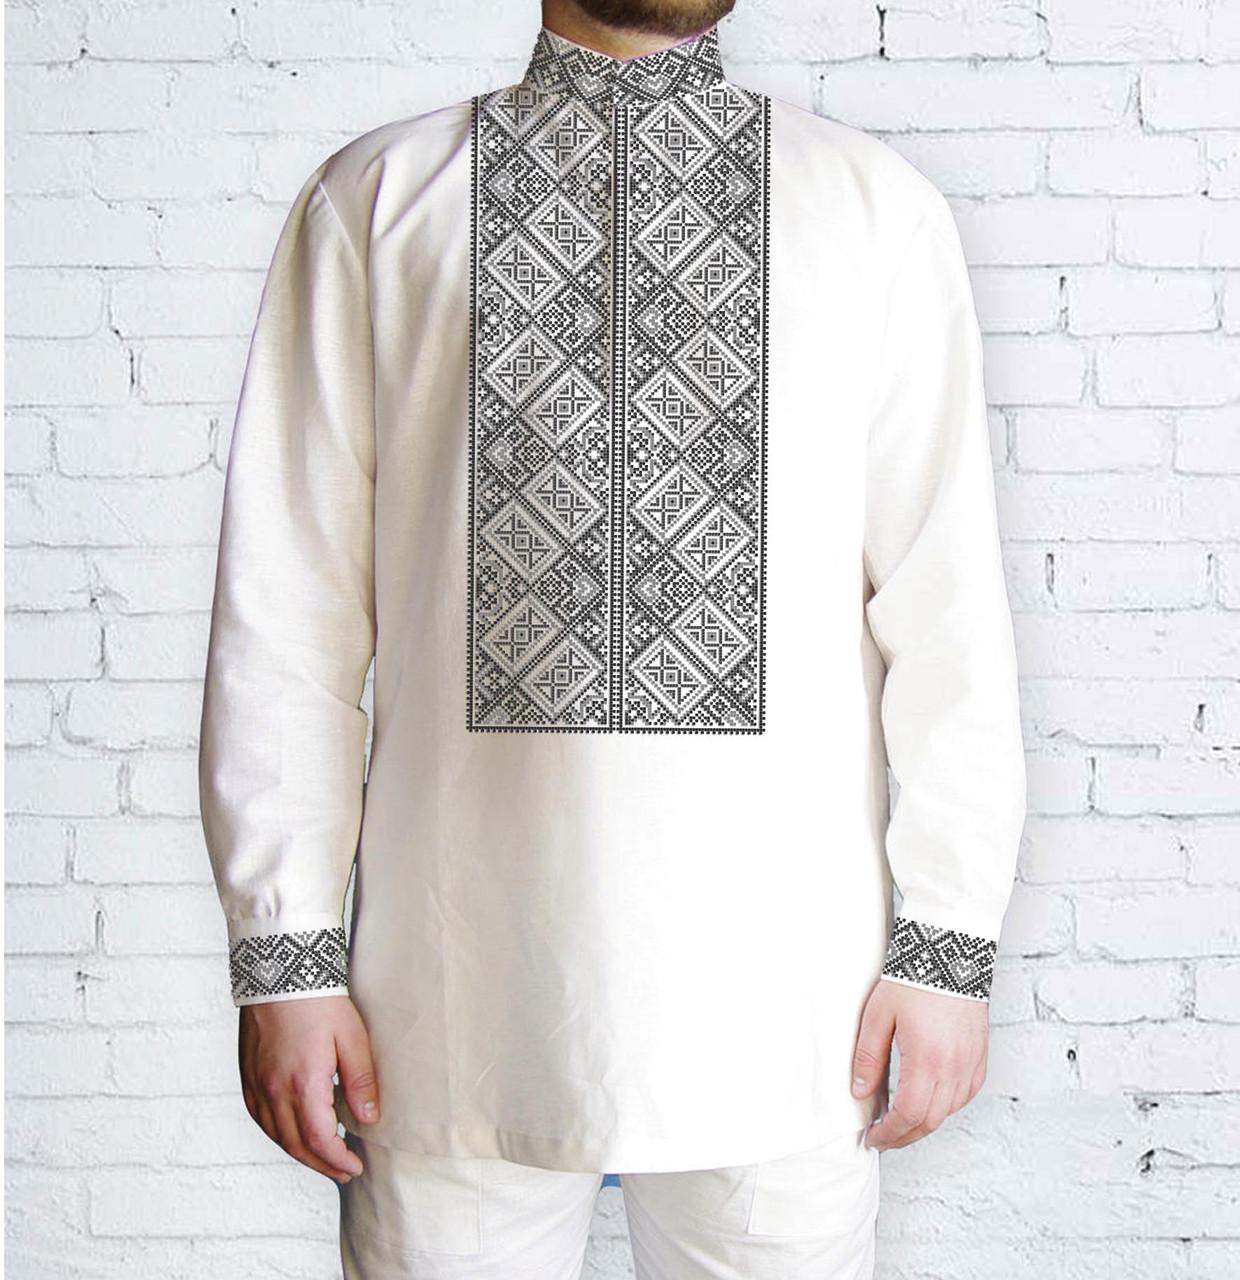 Заготовка чоловічої сорочки та вишиванки для вишивки чи вишивання бісером Бисерок «Орнамент 526 С» (Ч-526 С )